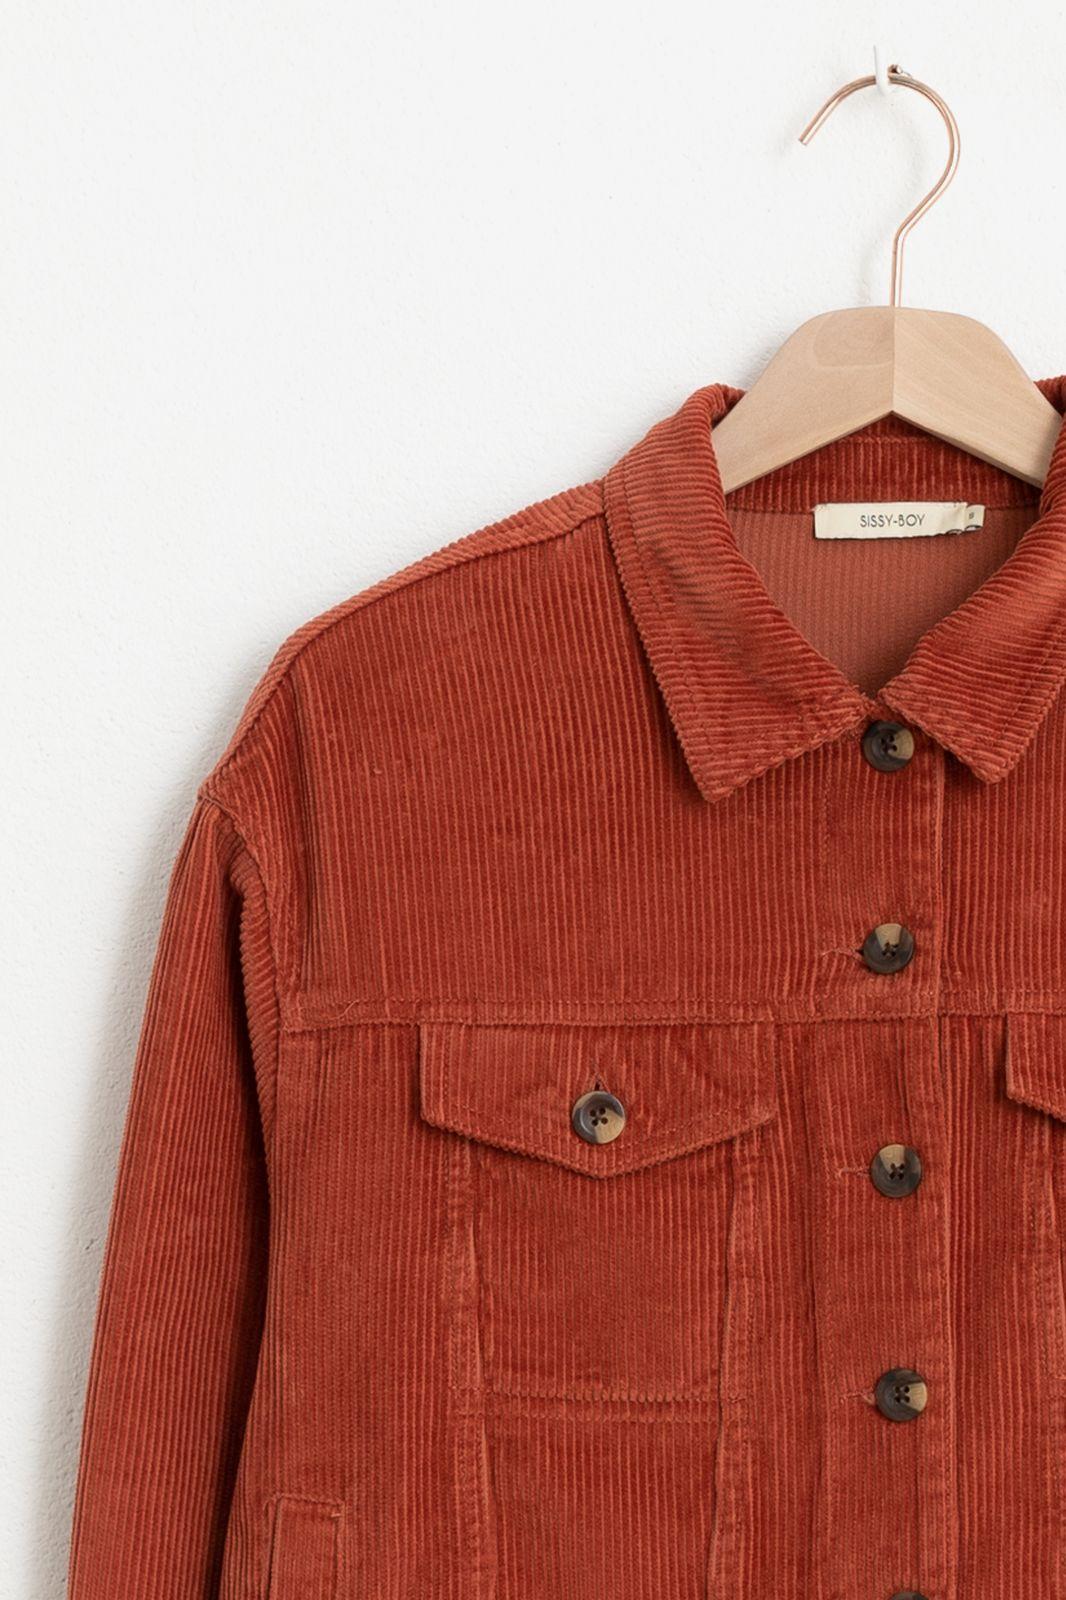 Rood corduroy jacket